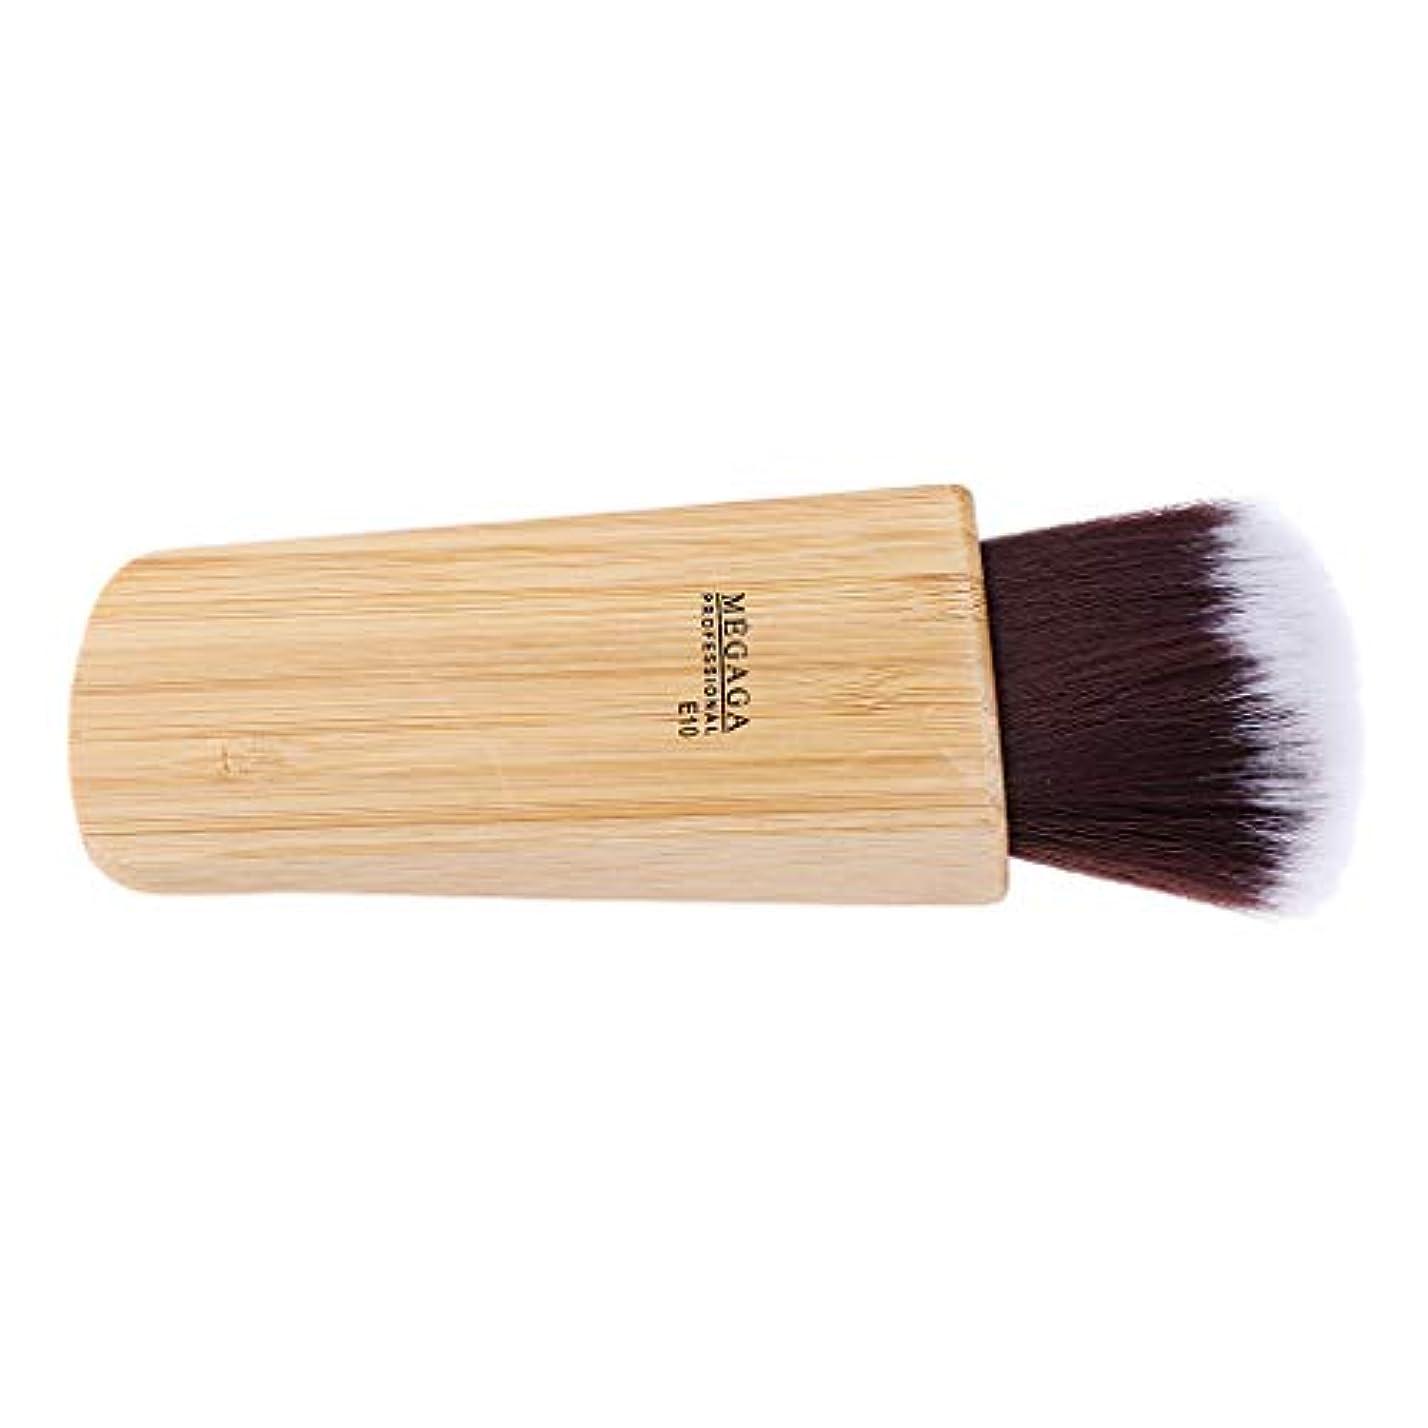 キャメルフェデレーション国勢調査CUTICATE ネックダスターブラシ ヘアカット ブラシ ネックダスター 洗浄 ヘアブラシ 理髪美容ツール